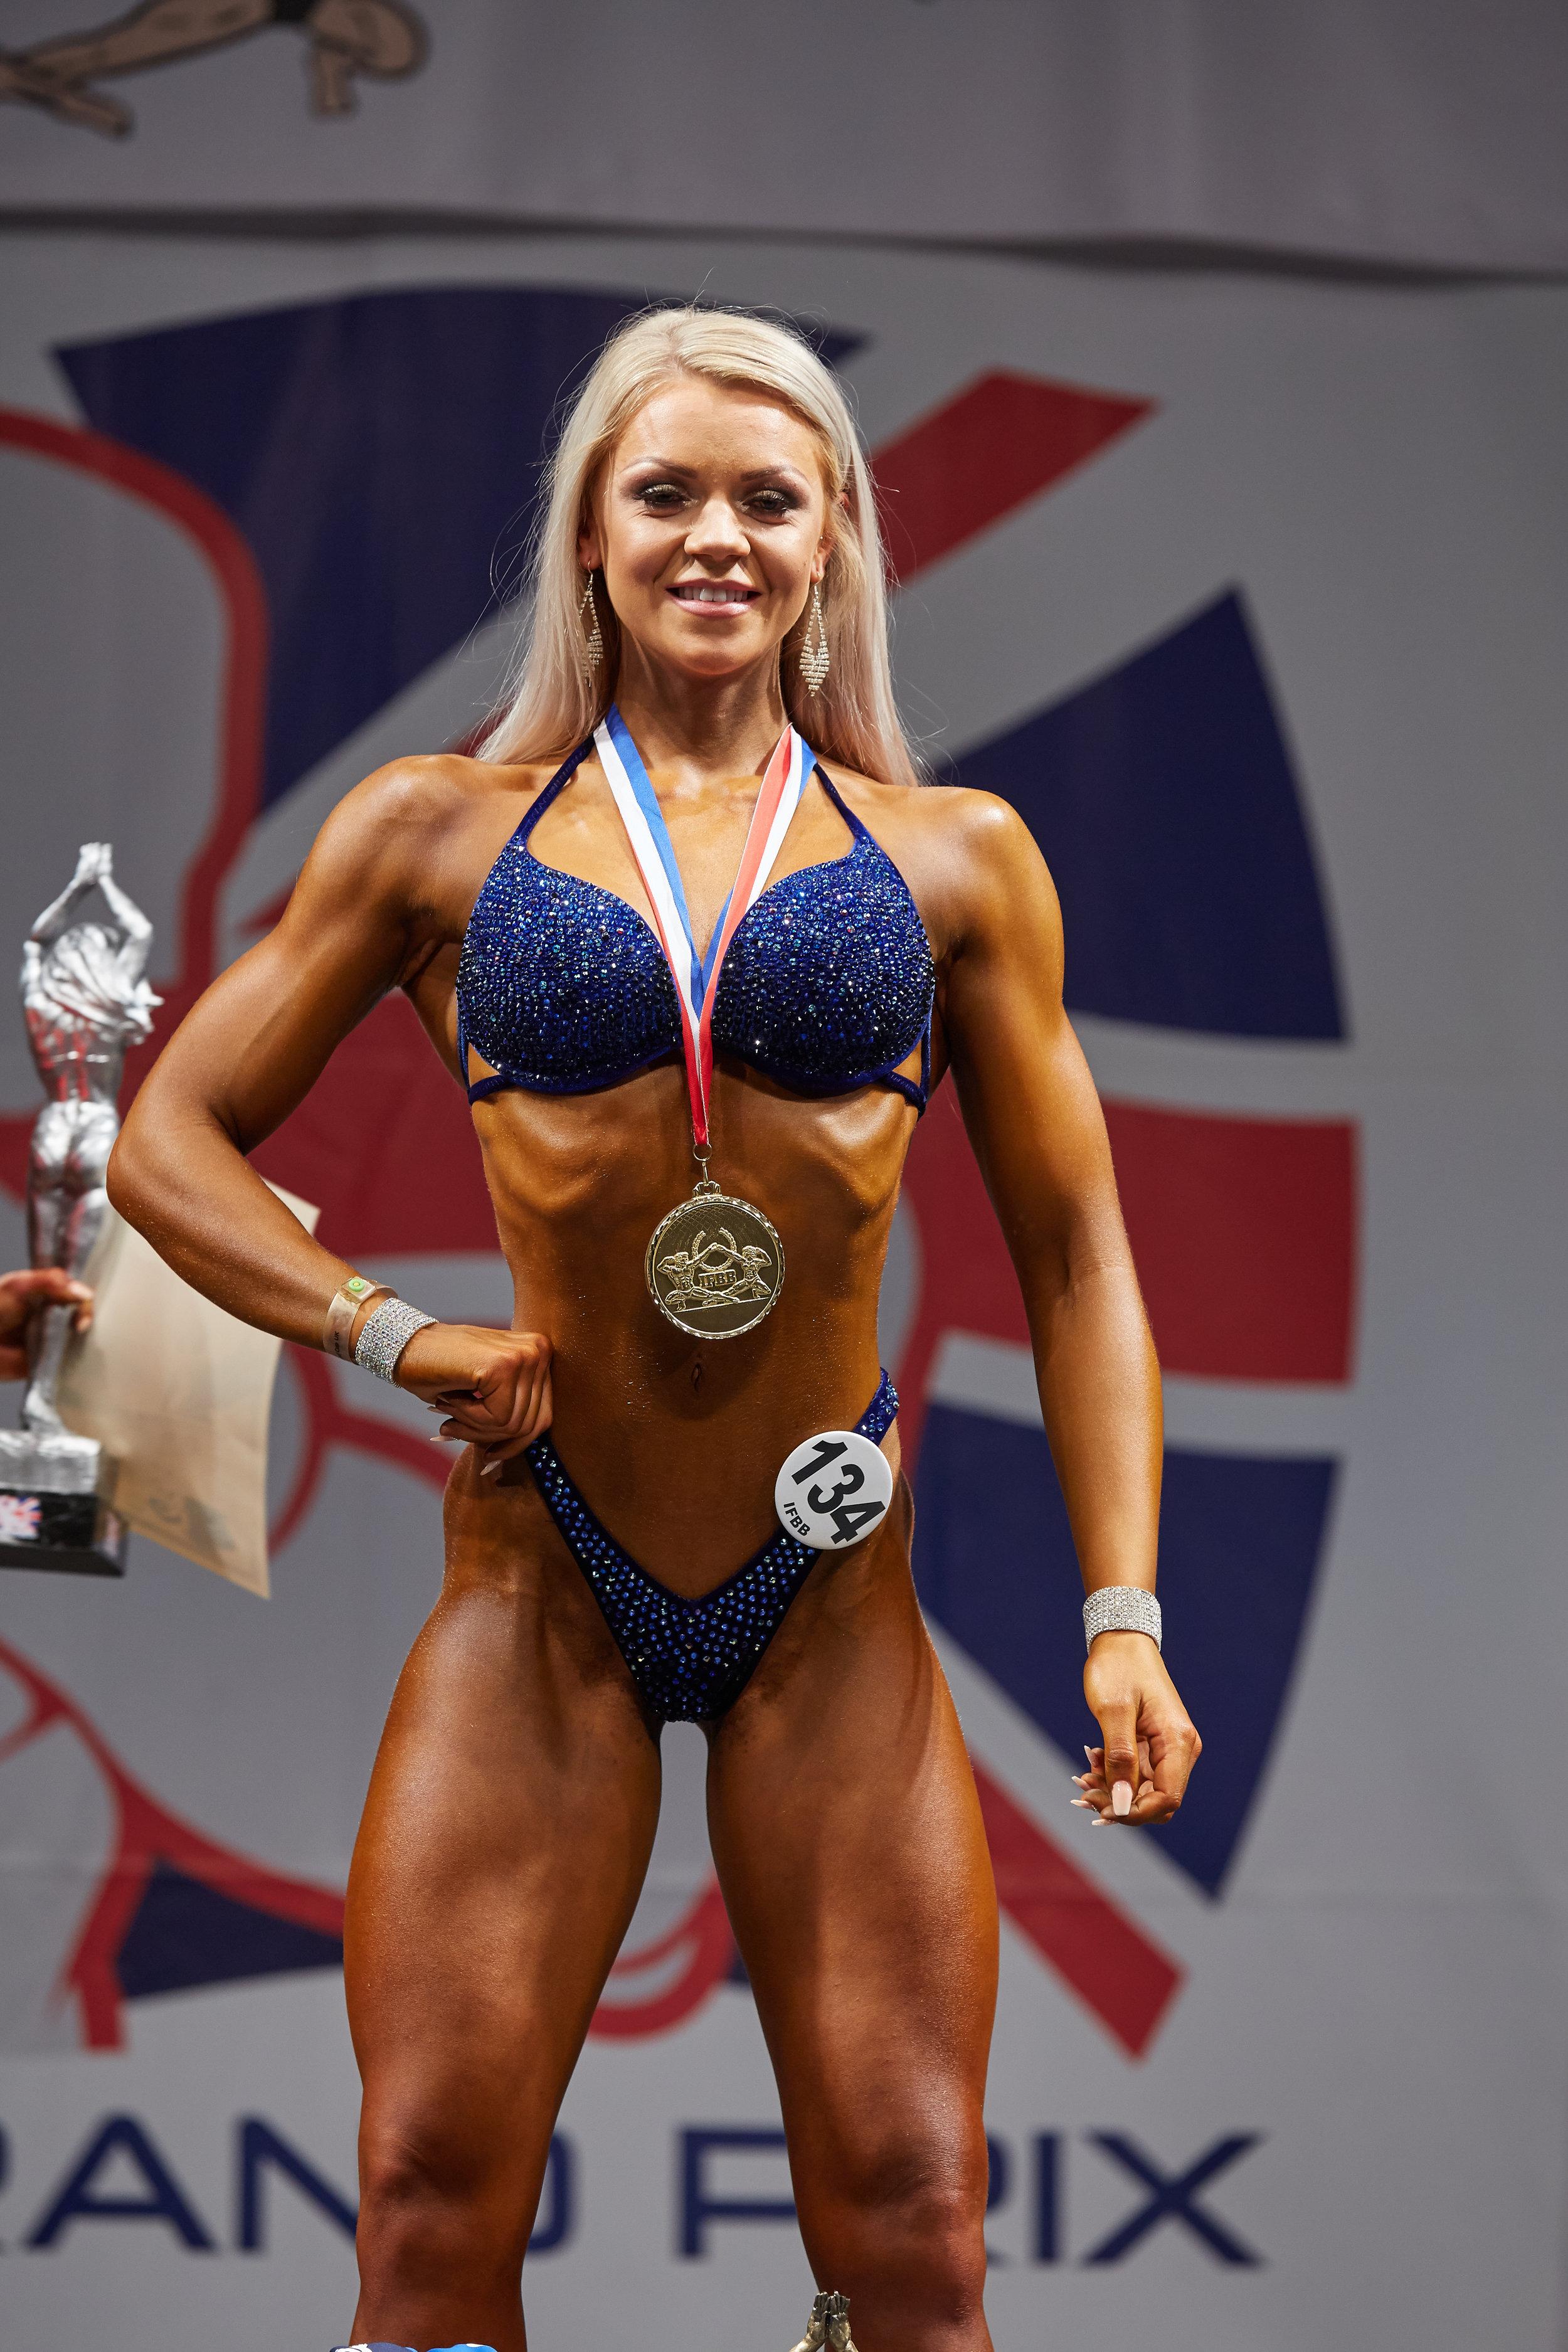 Ashleigh Jackson, overall bikini fitness champion.